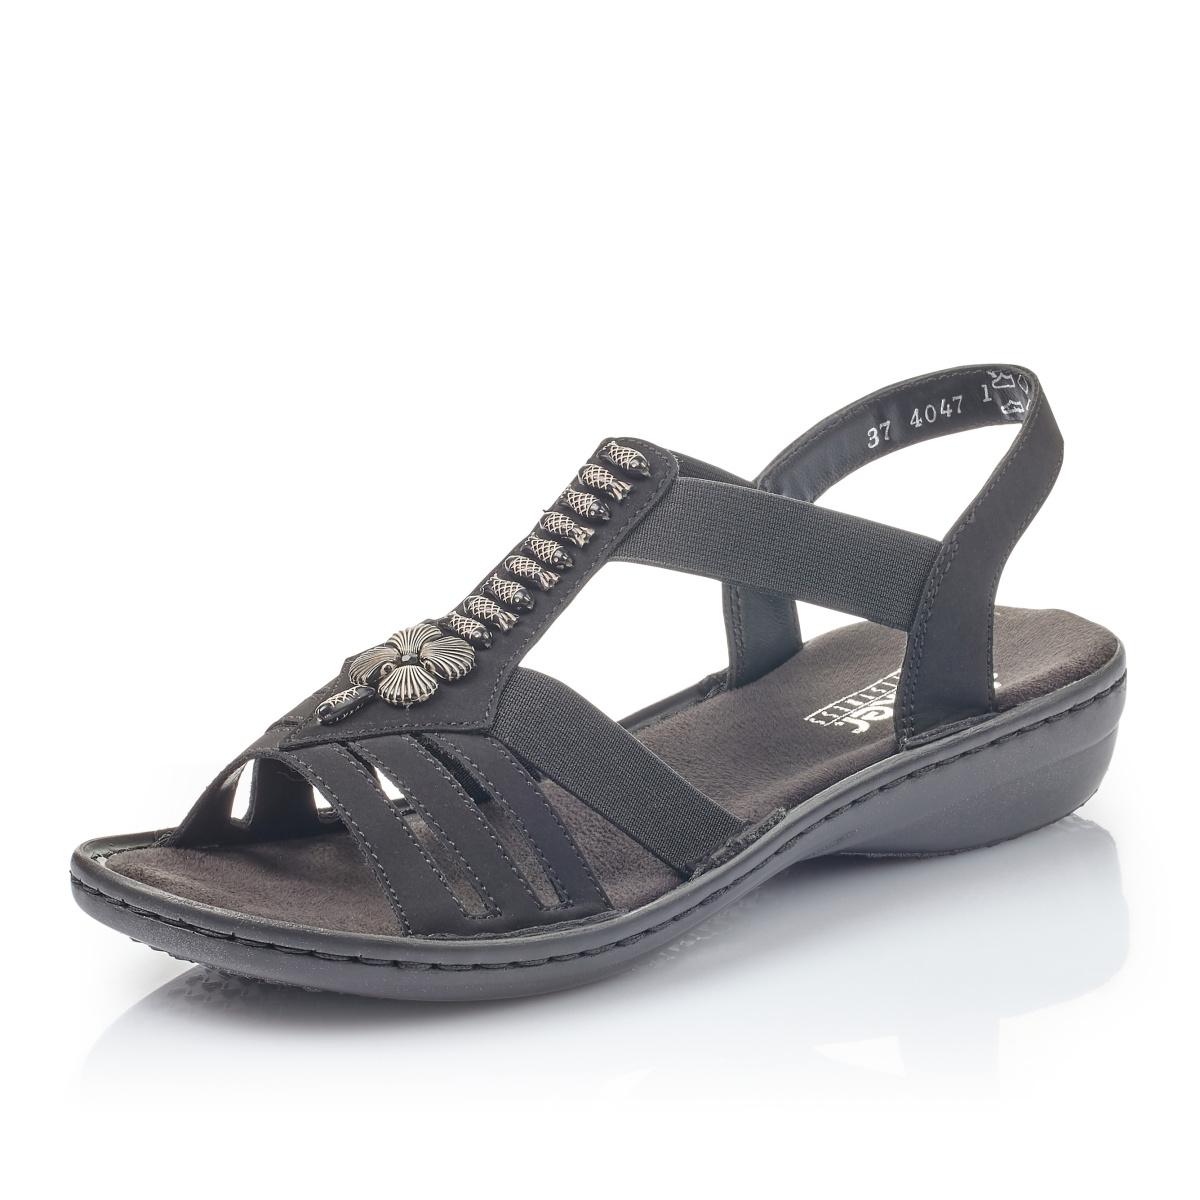 e265622e2d8a detail Dámska obuv RIEKER br 60806-00 SCHWARZ ...